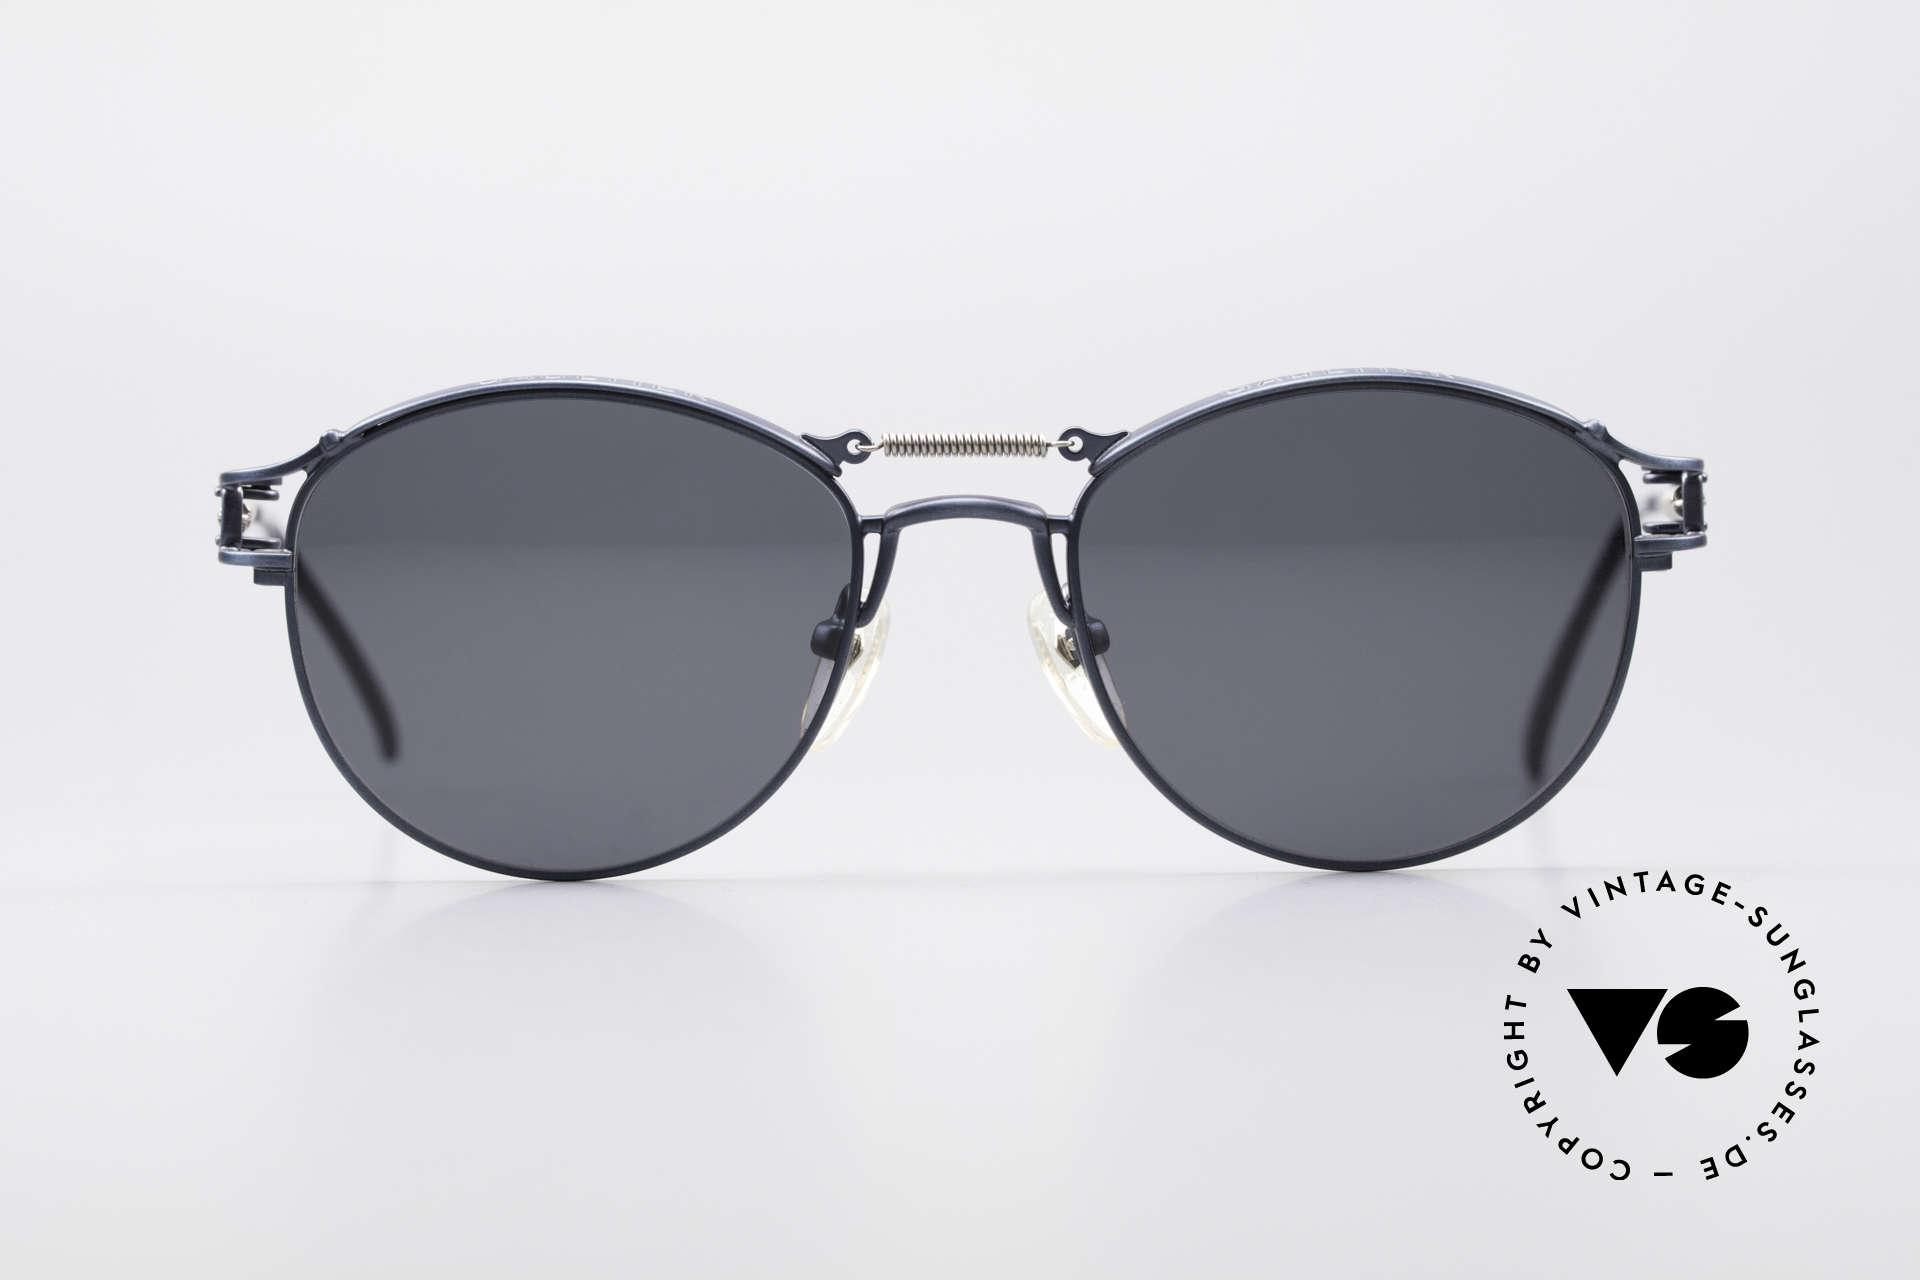 Jean Paul Gaultier 56-5107 Panto Designer Sonnenbrille, großartiges, mechanisches Design ('Industrial Stil'), Passend für Herren und Damen